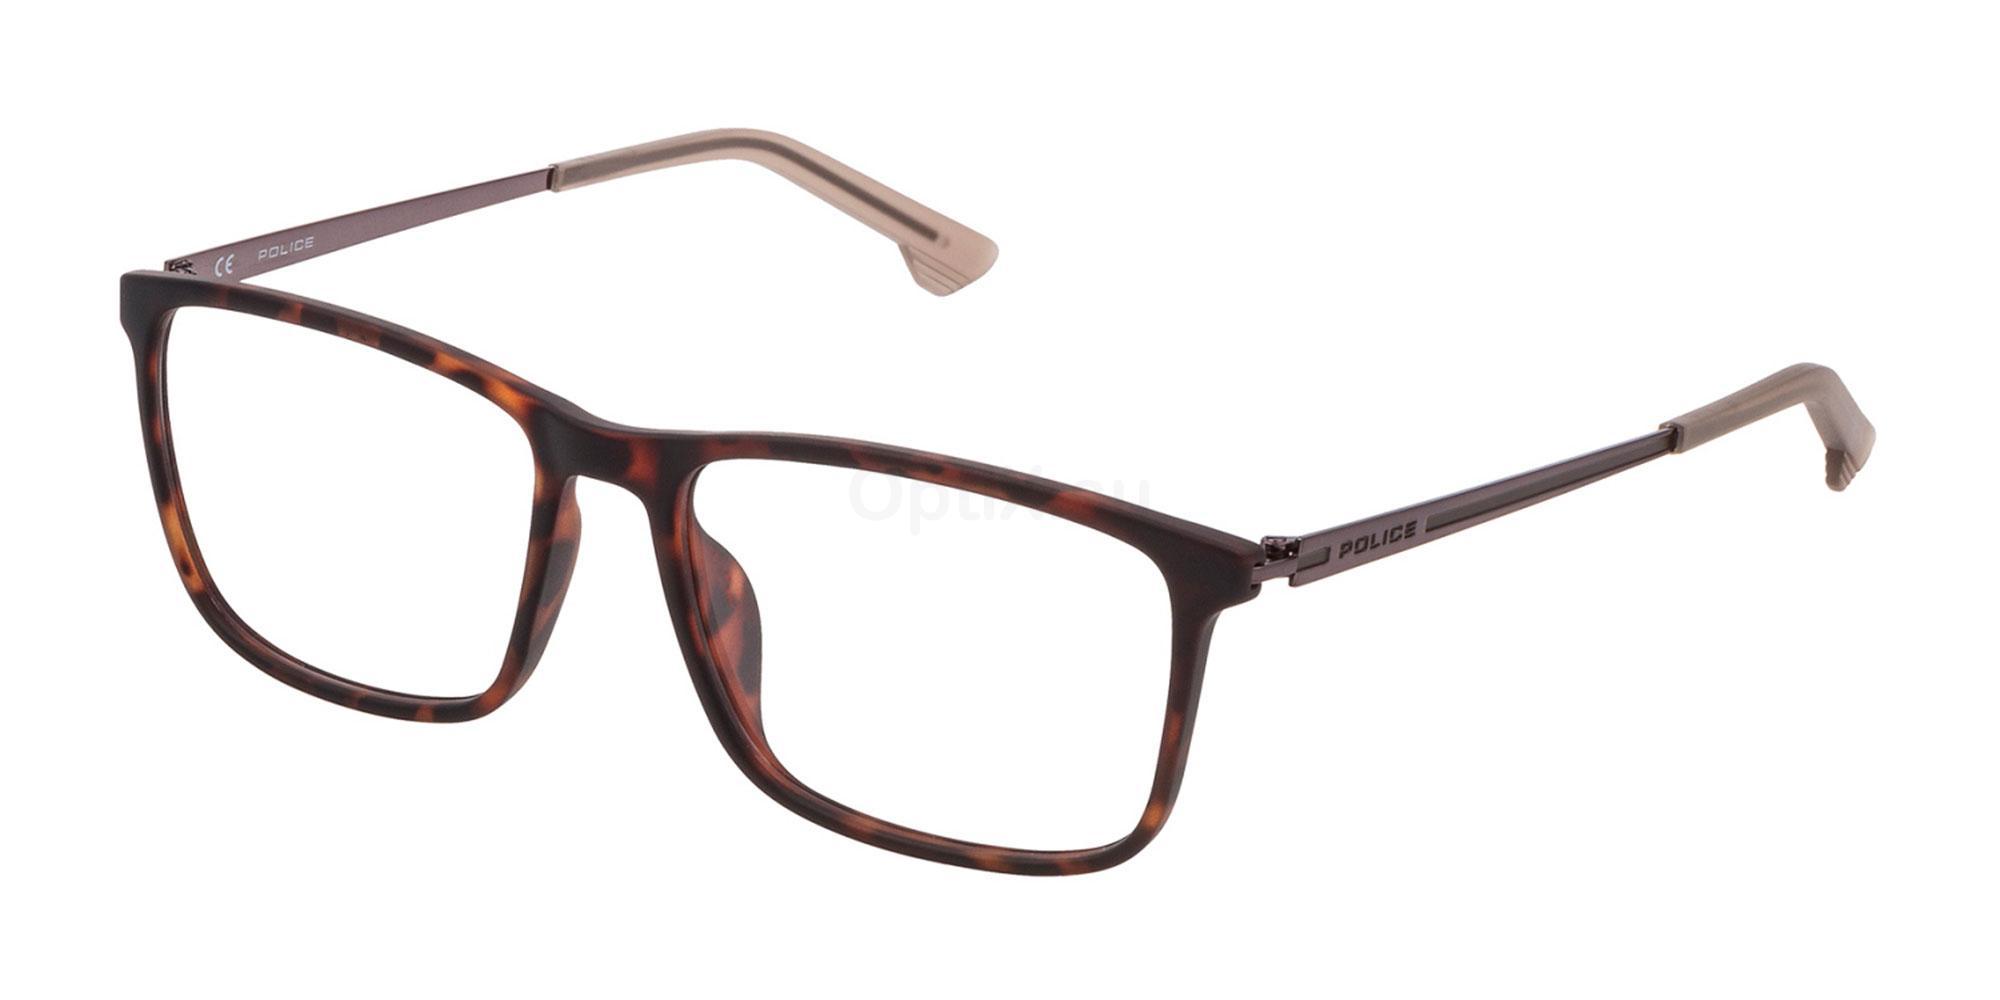 0878 VPL799 Glasses, Police